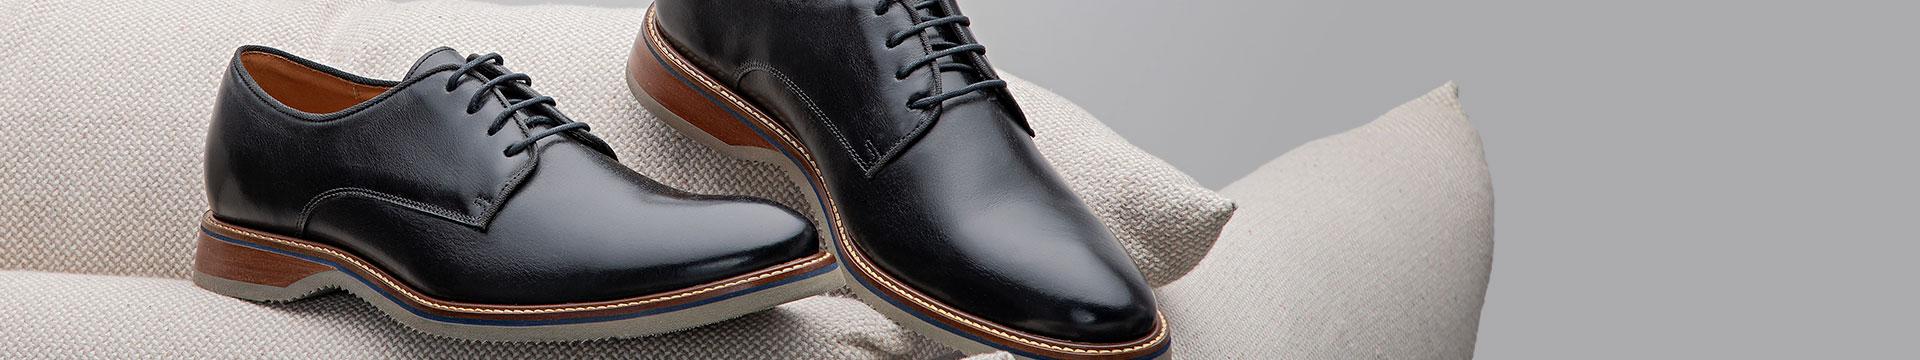 Calçados - Sapatos